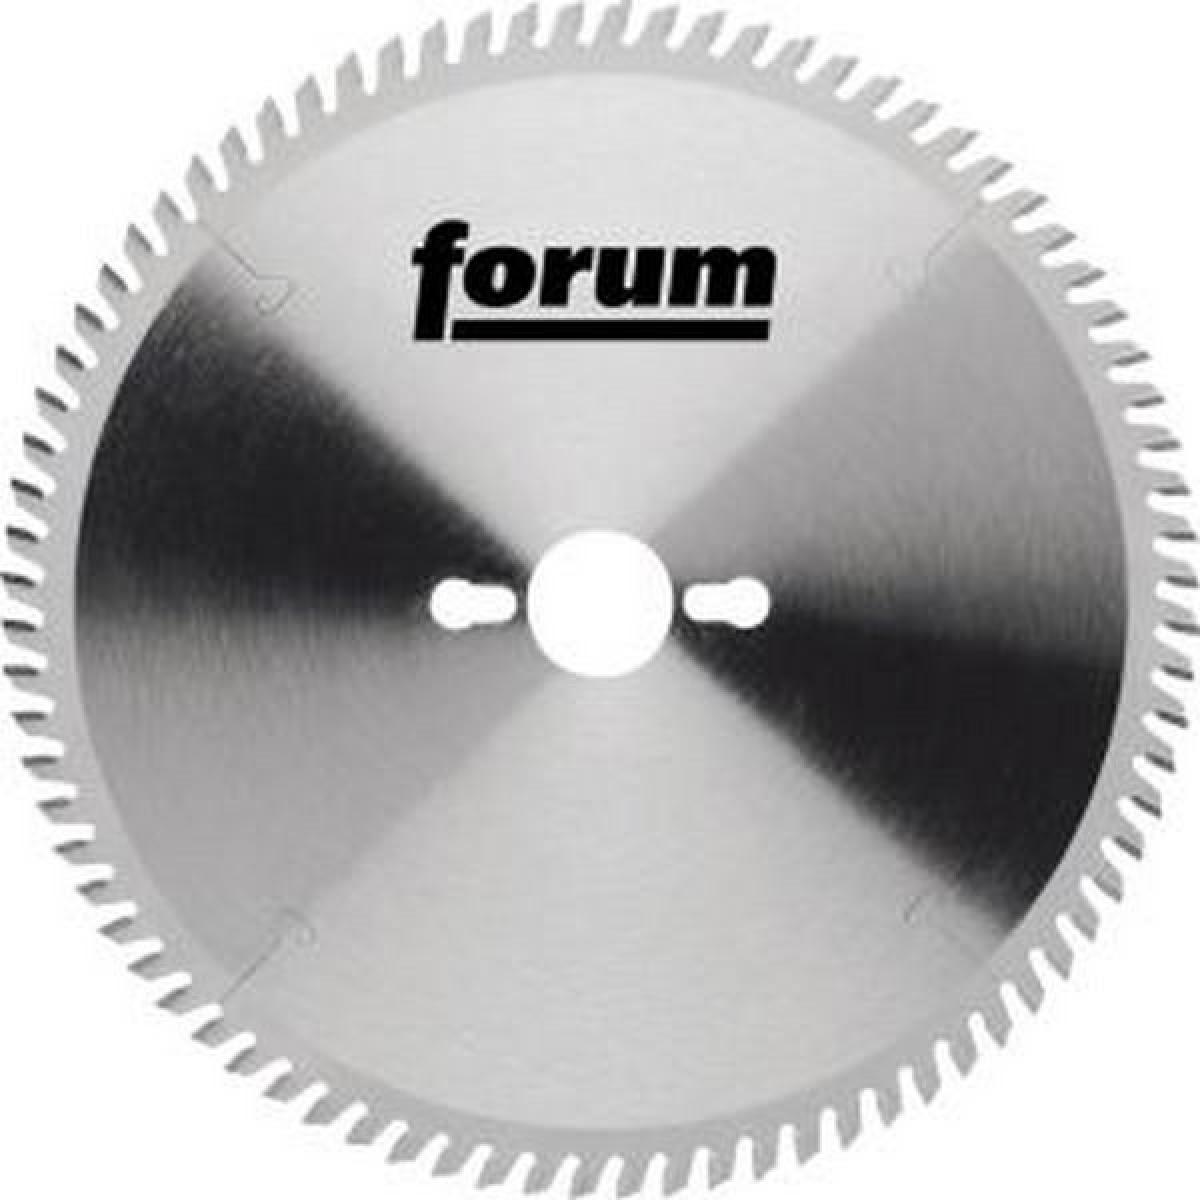 Forum Lame de scie circulaire, Ø : 300 mm, Larg. : 3,2 mm, Alésage 30 mm, Perçages secondaires : 2KNL*, Dents : 72